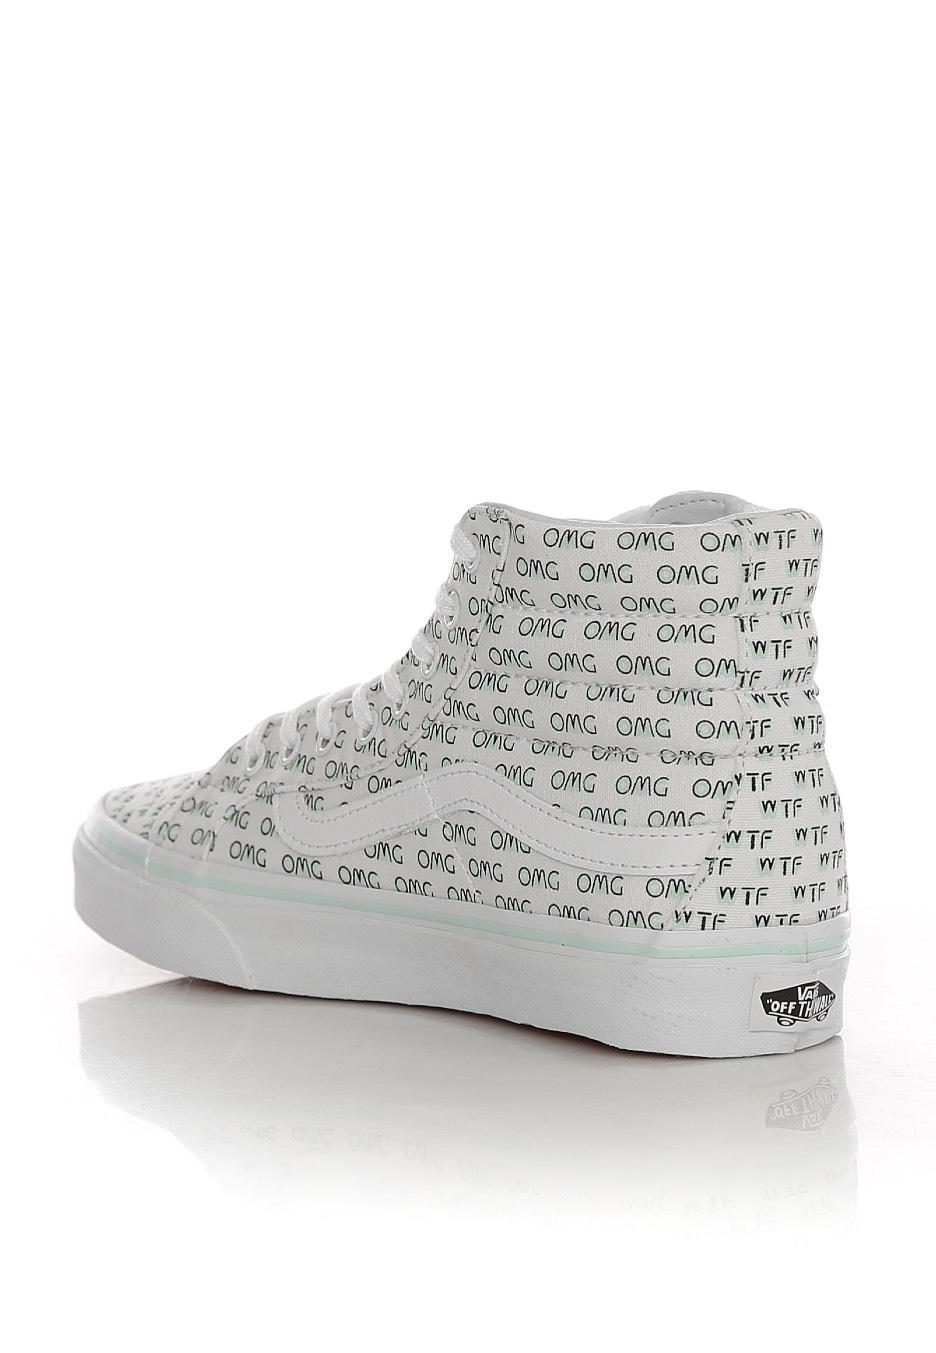 Vans Sk8 Hi Slim Sayings True White Girl Shoes Sneakers